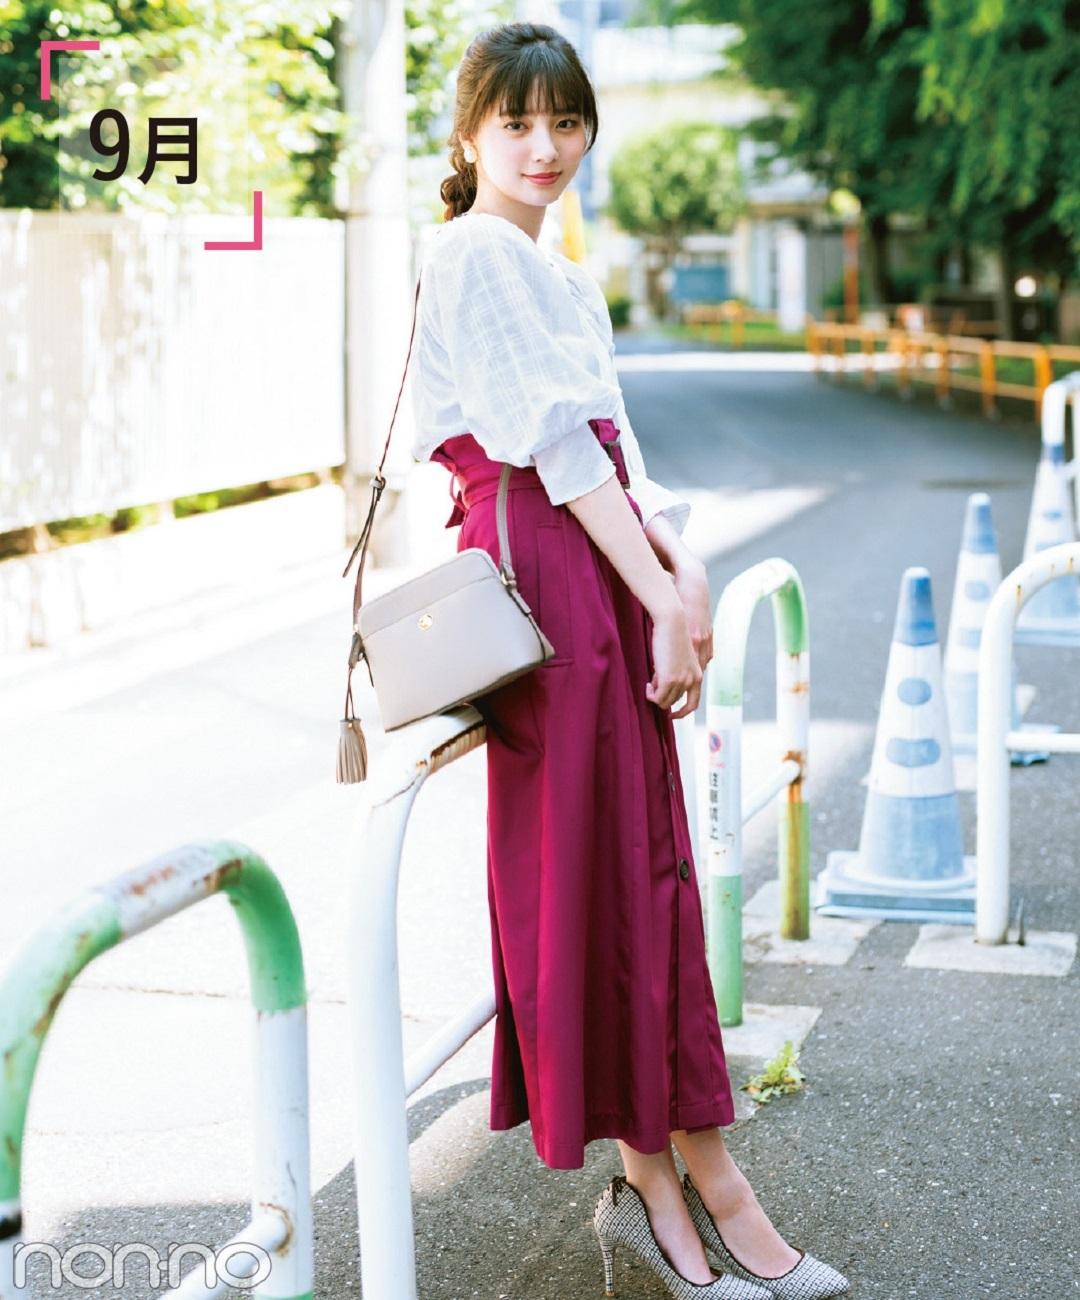 新川優愛が着る白ブラウス×パープルロングスカート秋コーデ